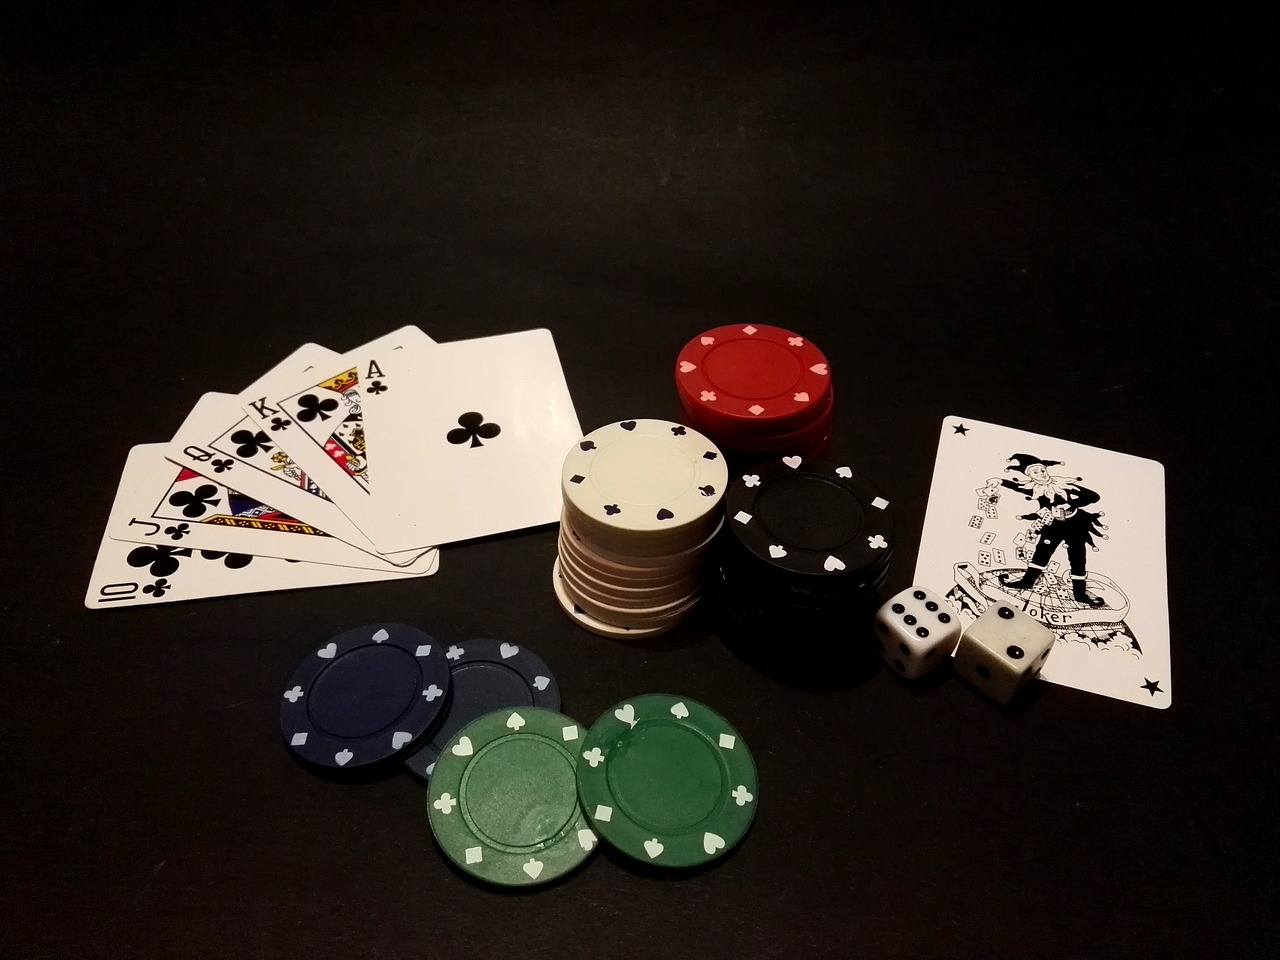 Jugar poker online. Fichas